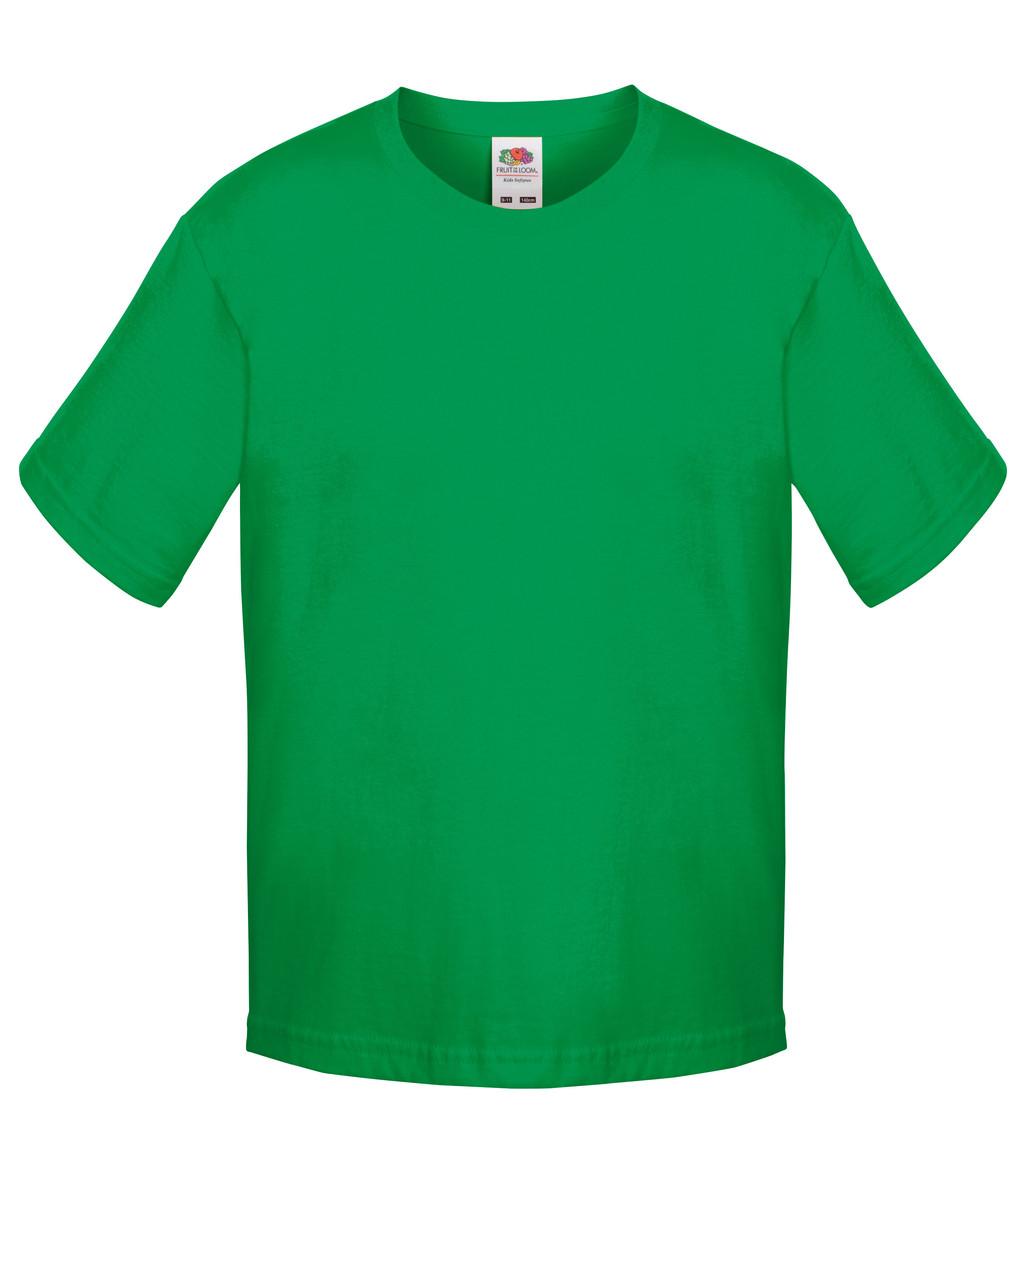 Детская футболка Мягкая для Мальчиков Ярко-зелёная Fruit of the loom 61-015-47 5-6